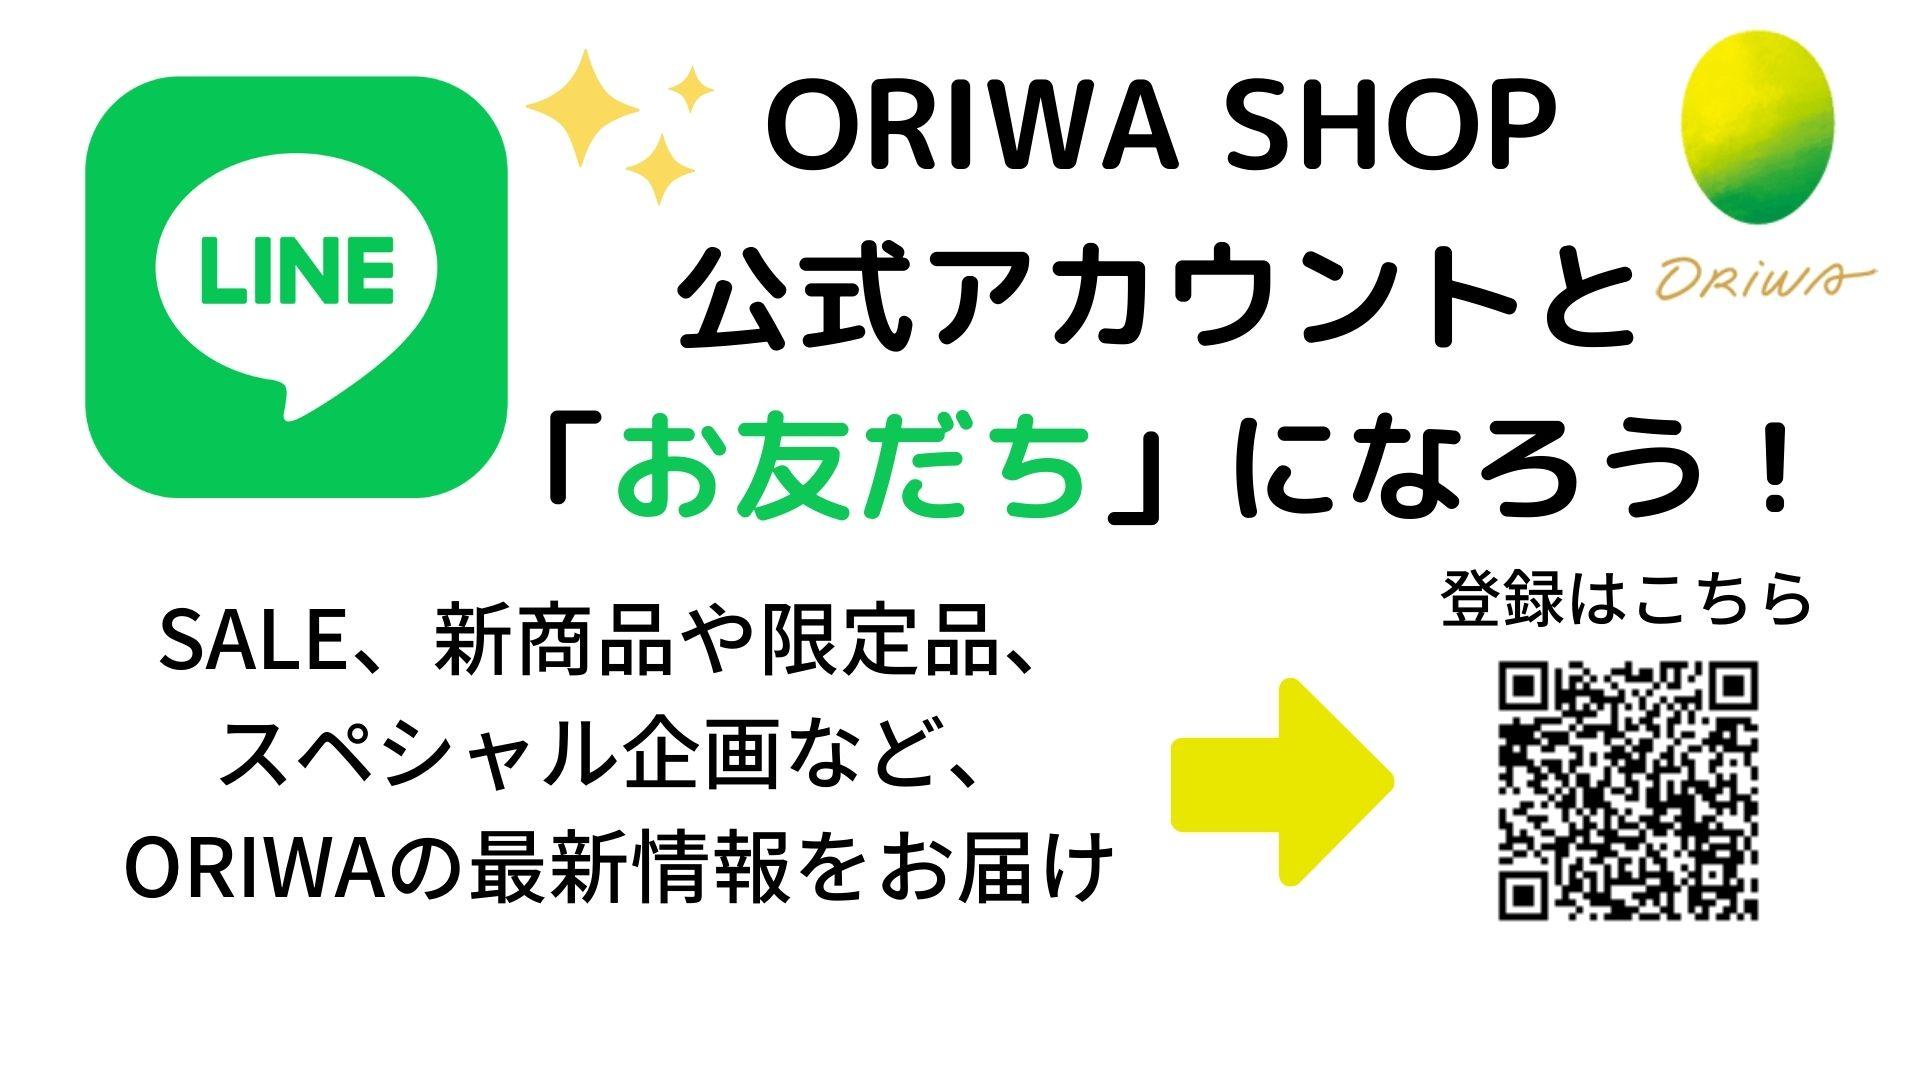 ORIWA SHOP 公式LINEアカウントとお友だちになろう!